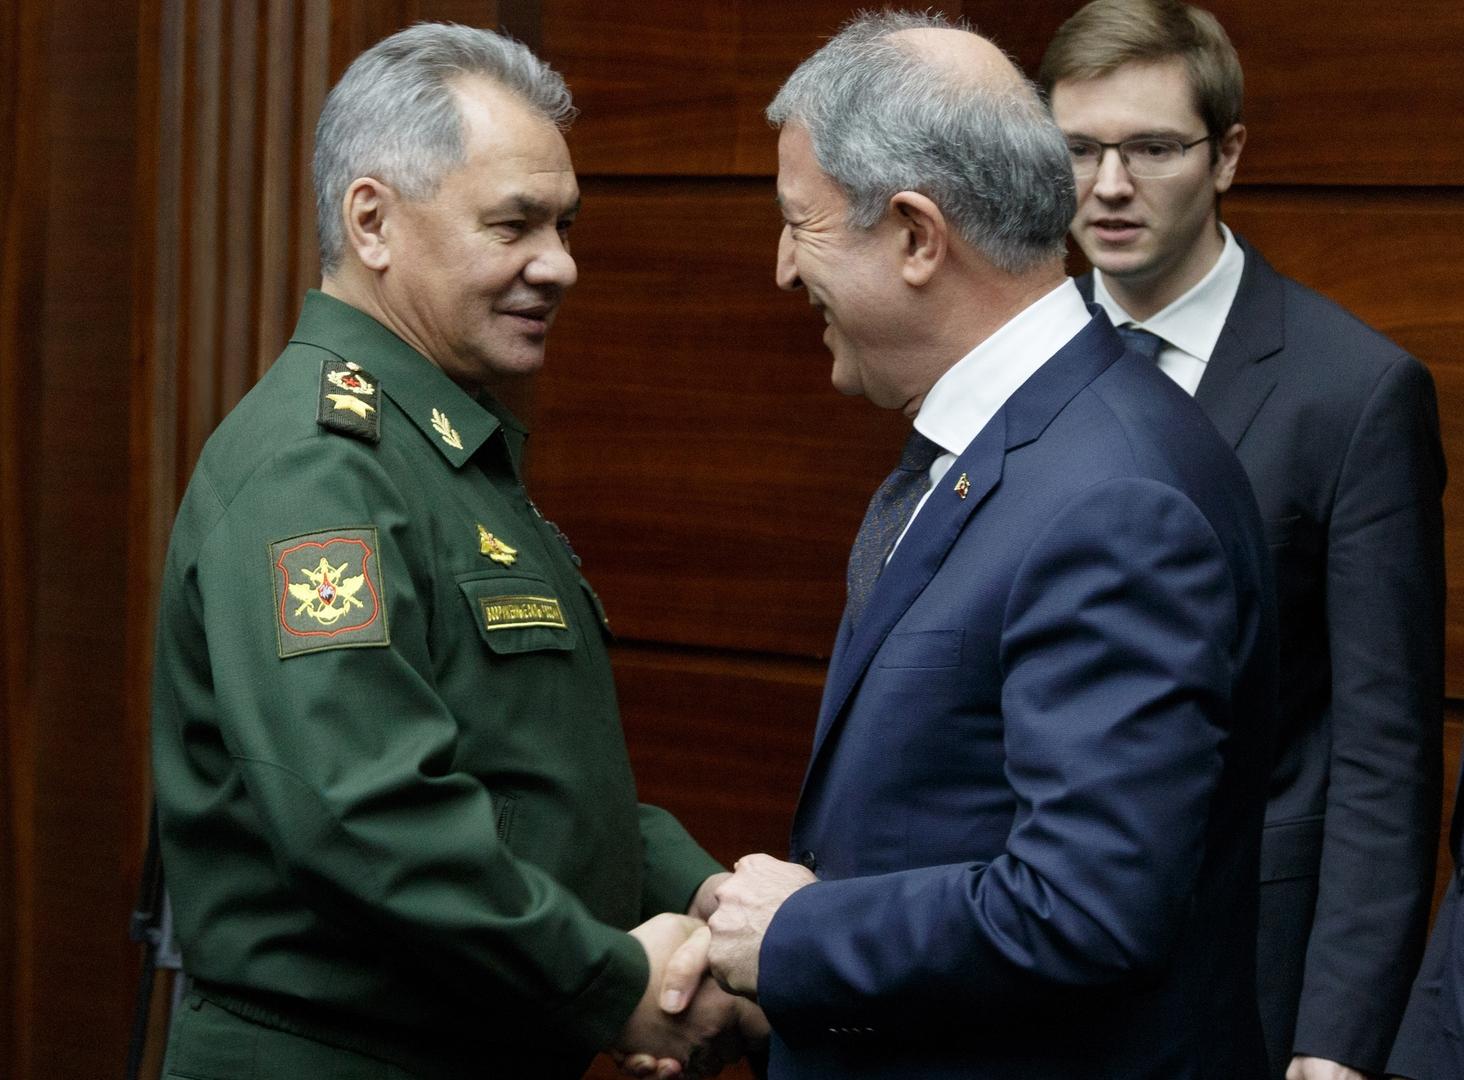 وزيرا الدفاع الروسي، سيرغي شويغو، والتركي، خلوصي أكار - أرشيف